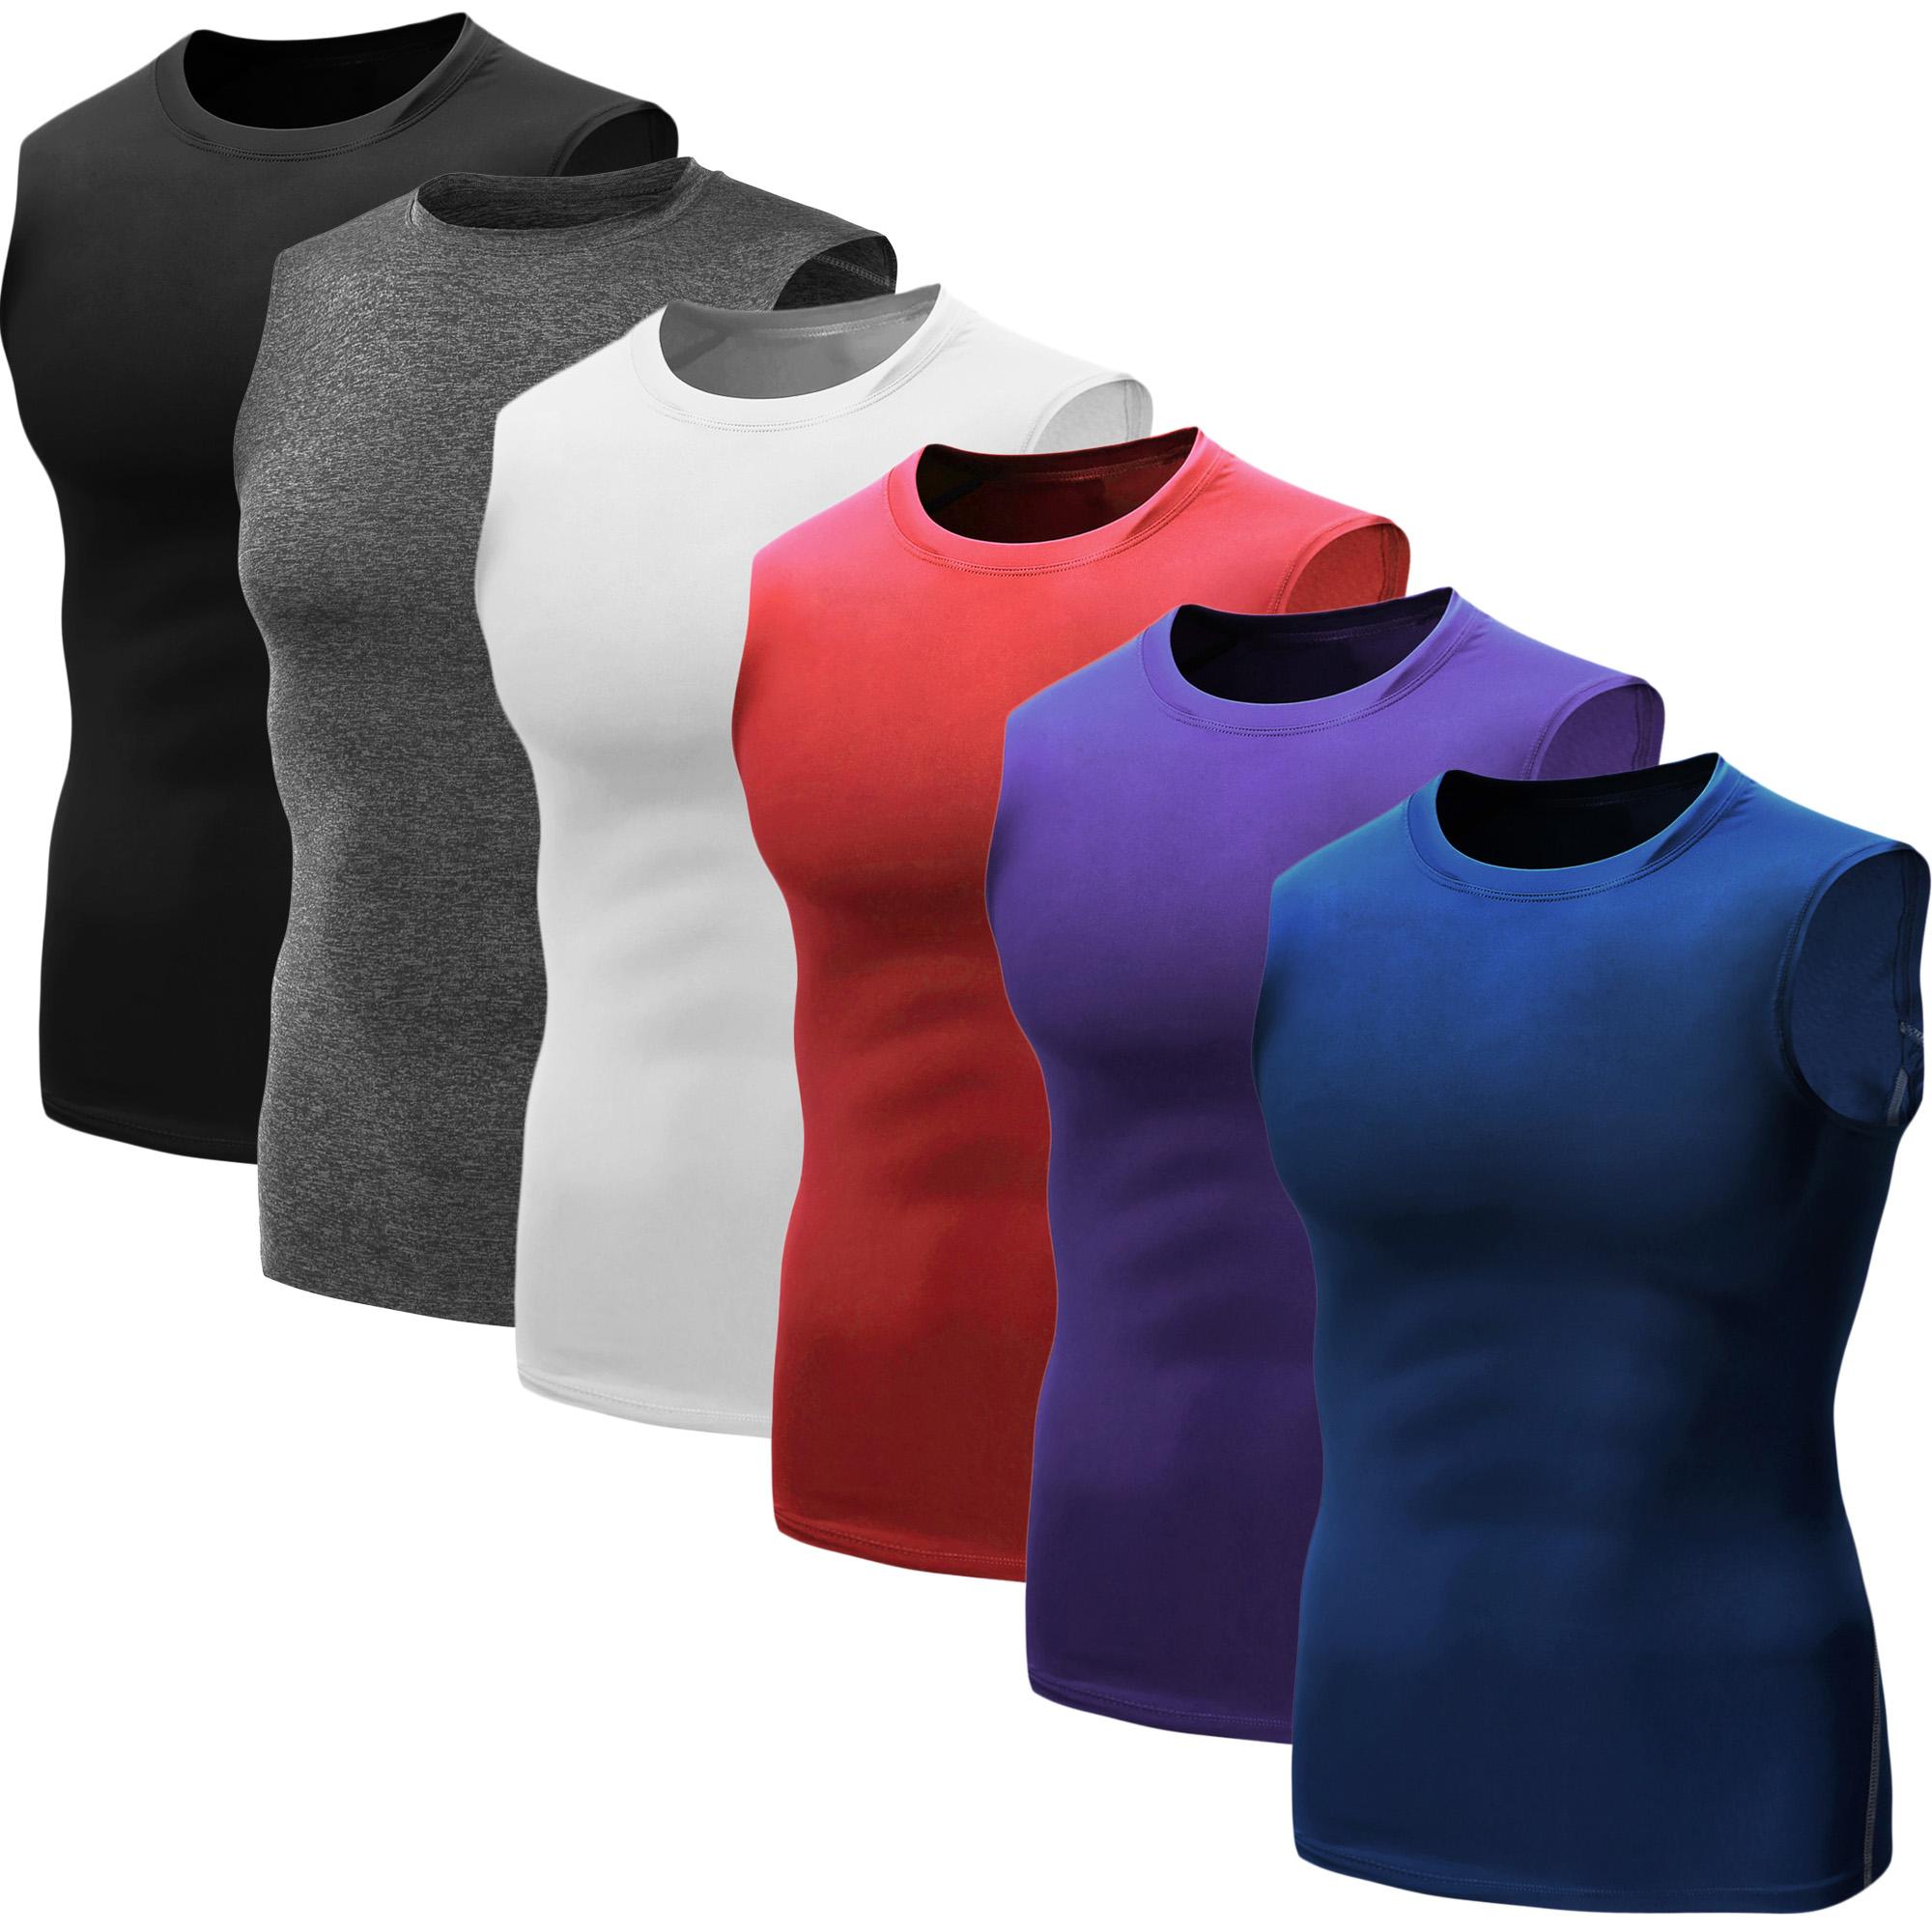 e694ef7722e Neleus Men s 3 Pack Athletic Compression Sport Short Sleeve Shirt